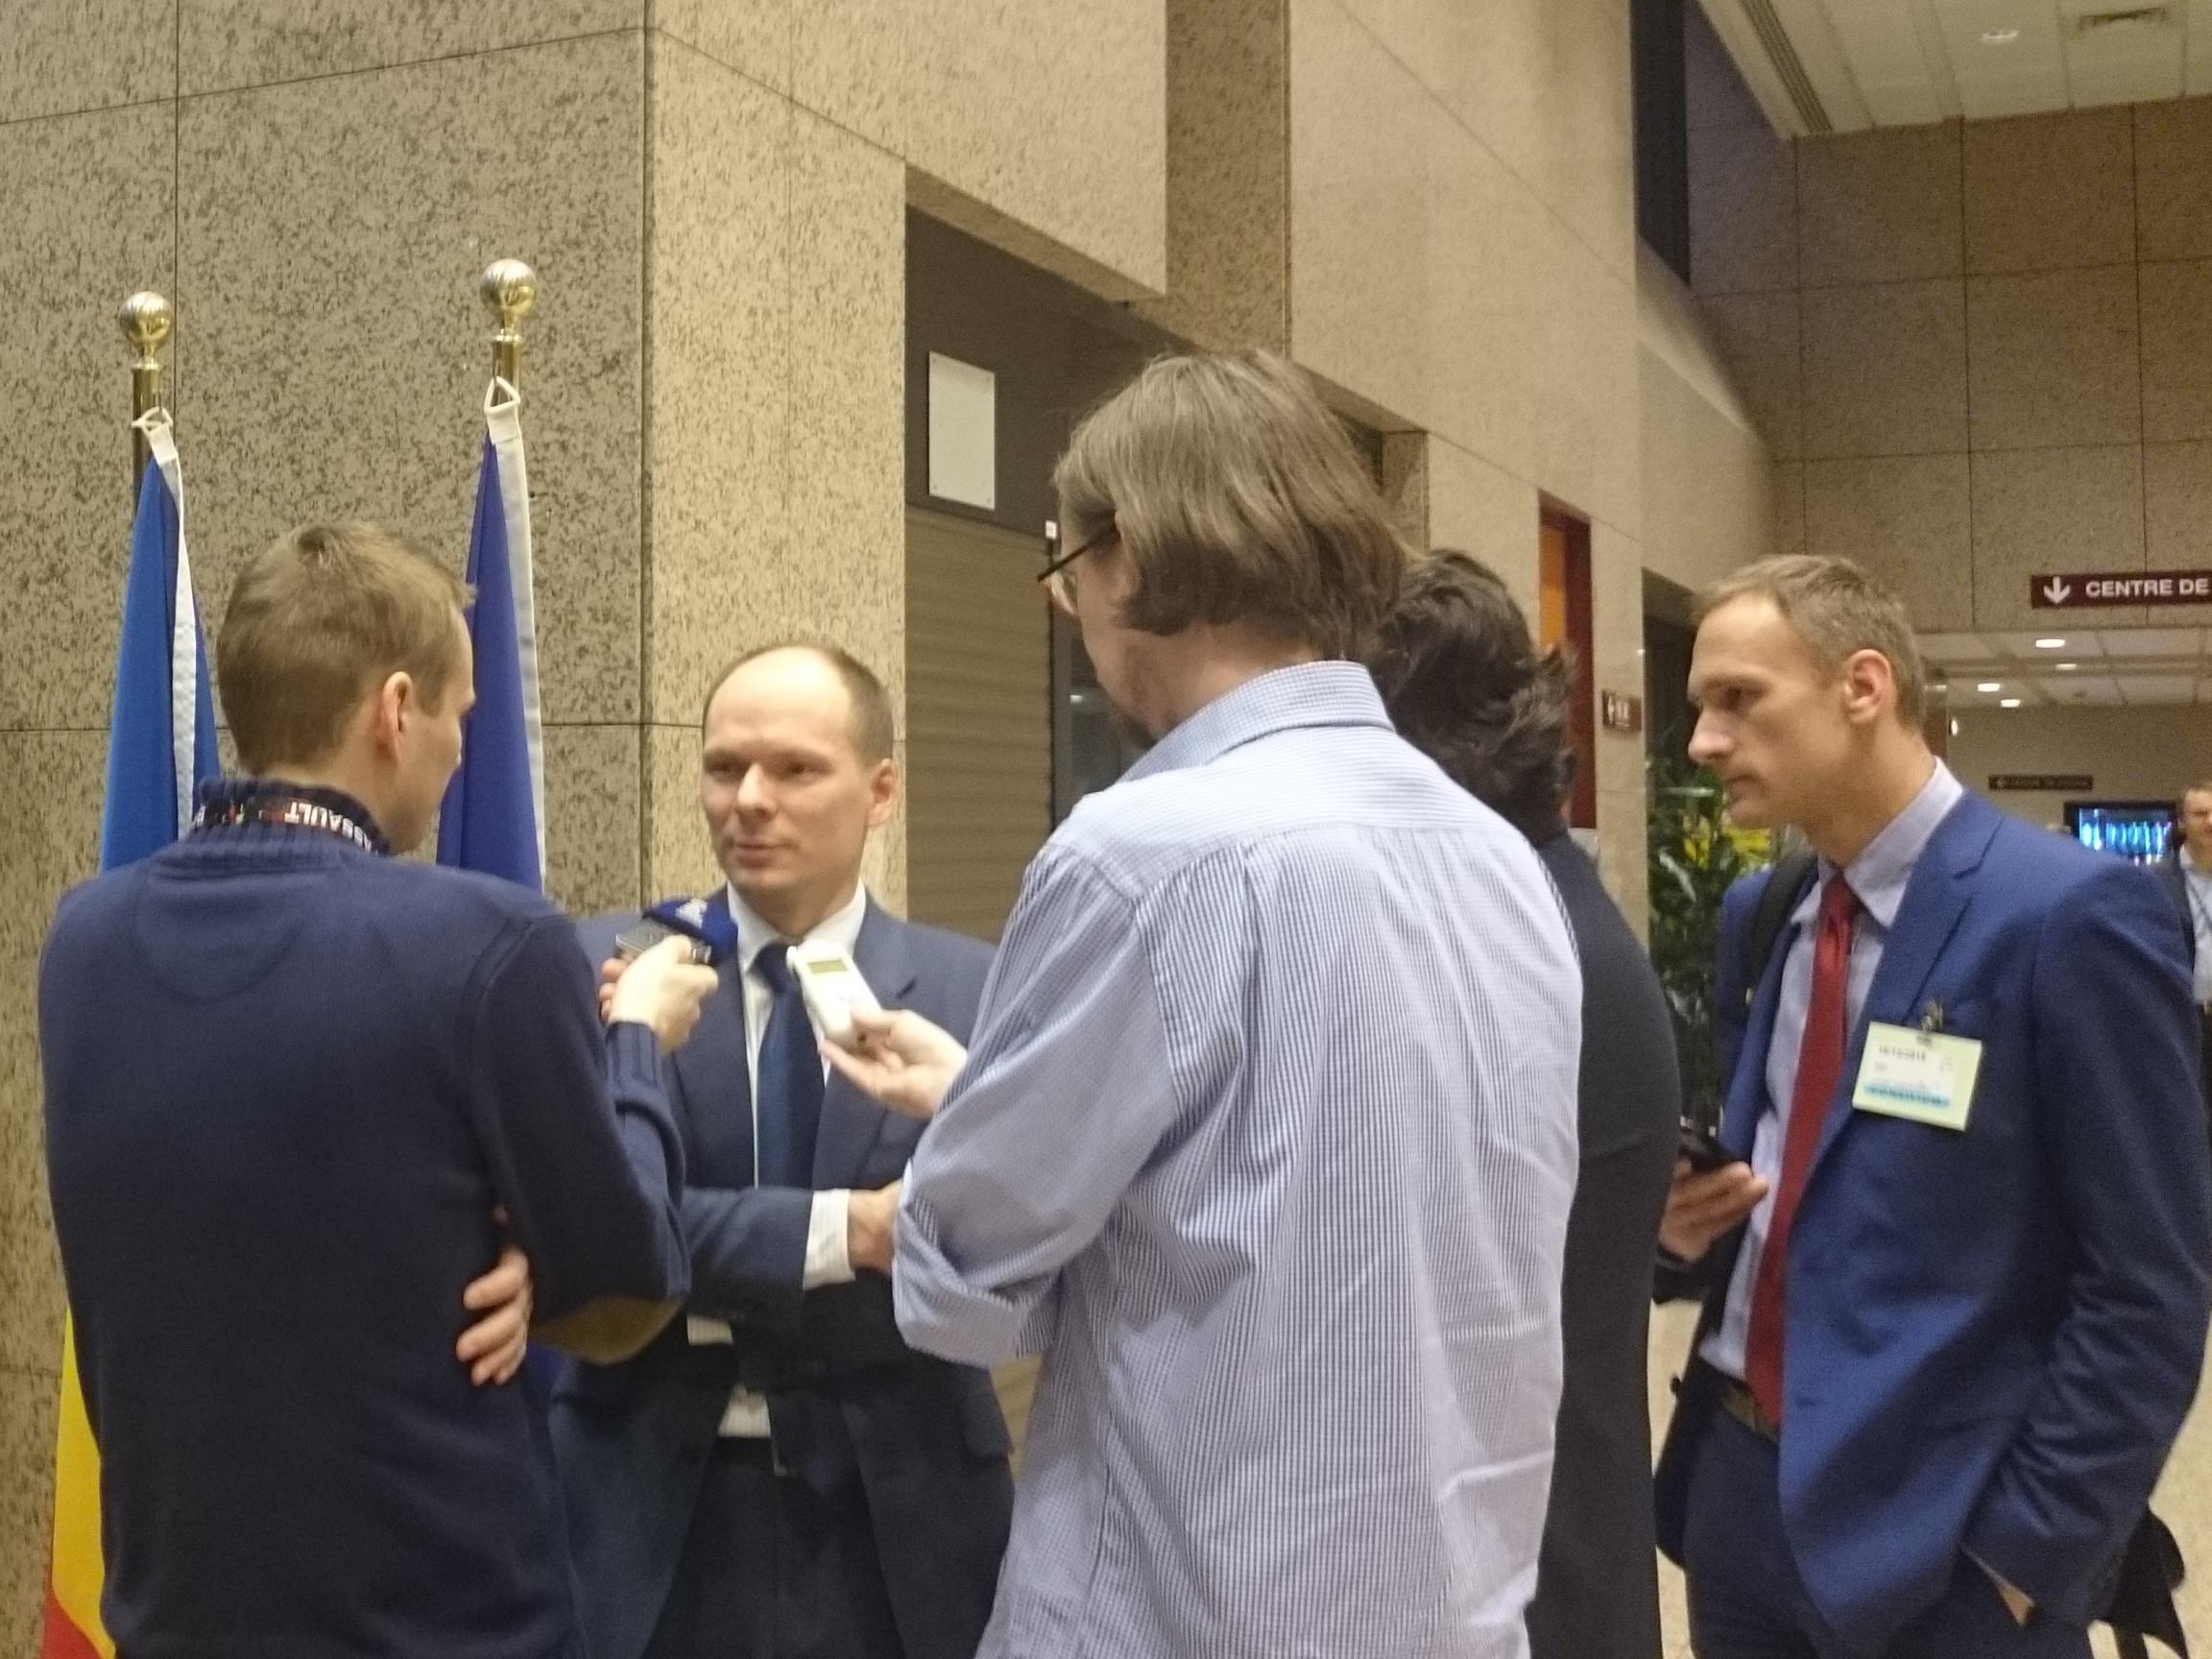 Náměstek Vladislav Smrž jednal v Bruselu s evropskými ministry ŽP o ovzduší a biologické rozmanitosti